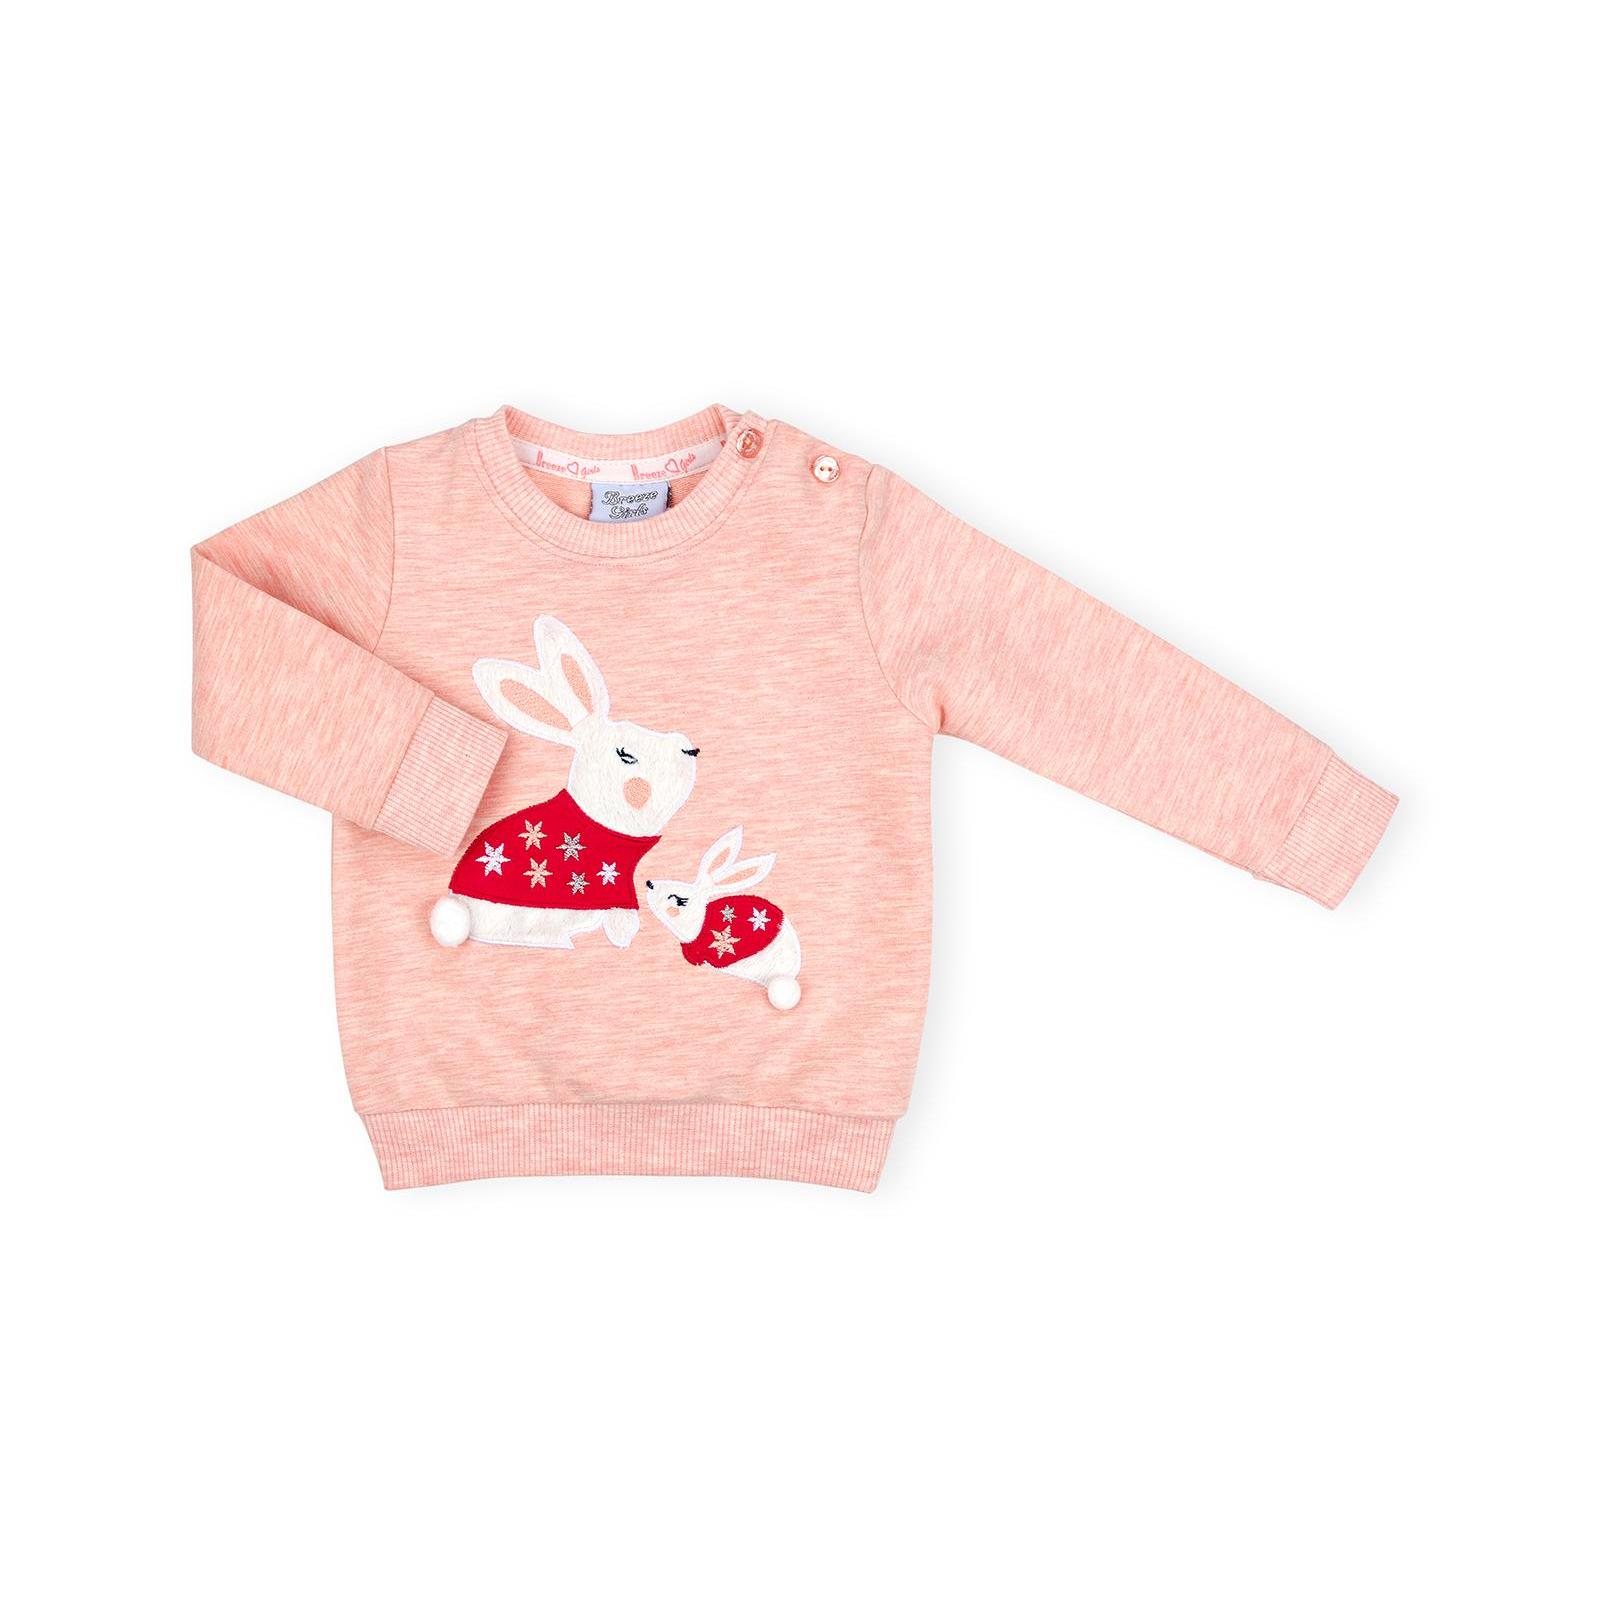 Набор детской одежды Breeze с зайчиками (10214-98G-peach) изображение 2